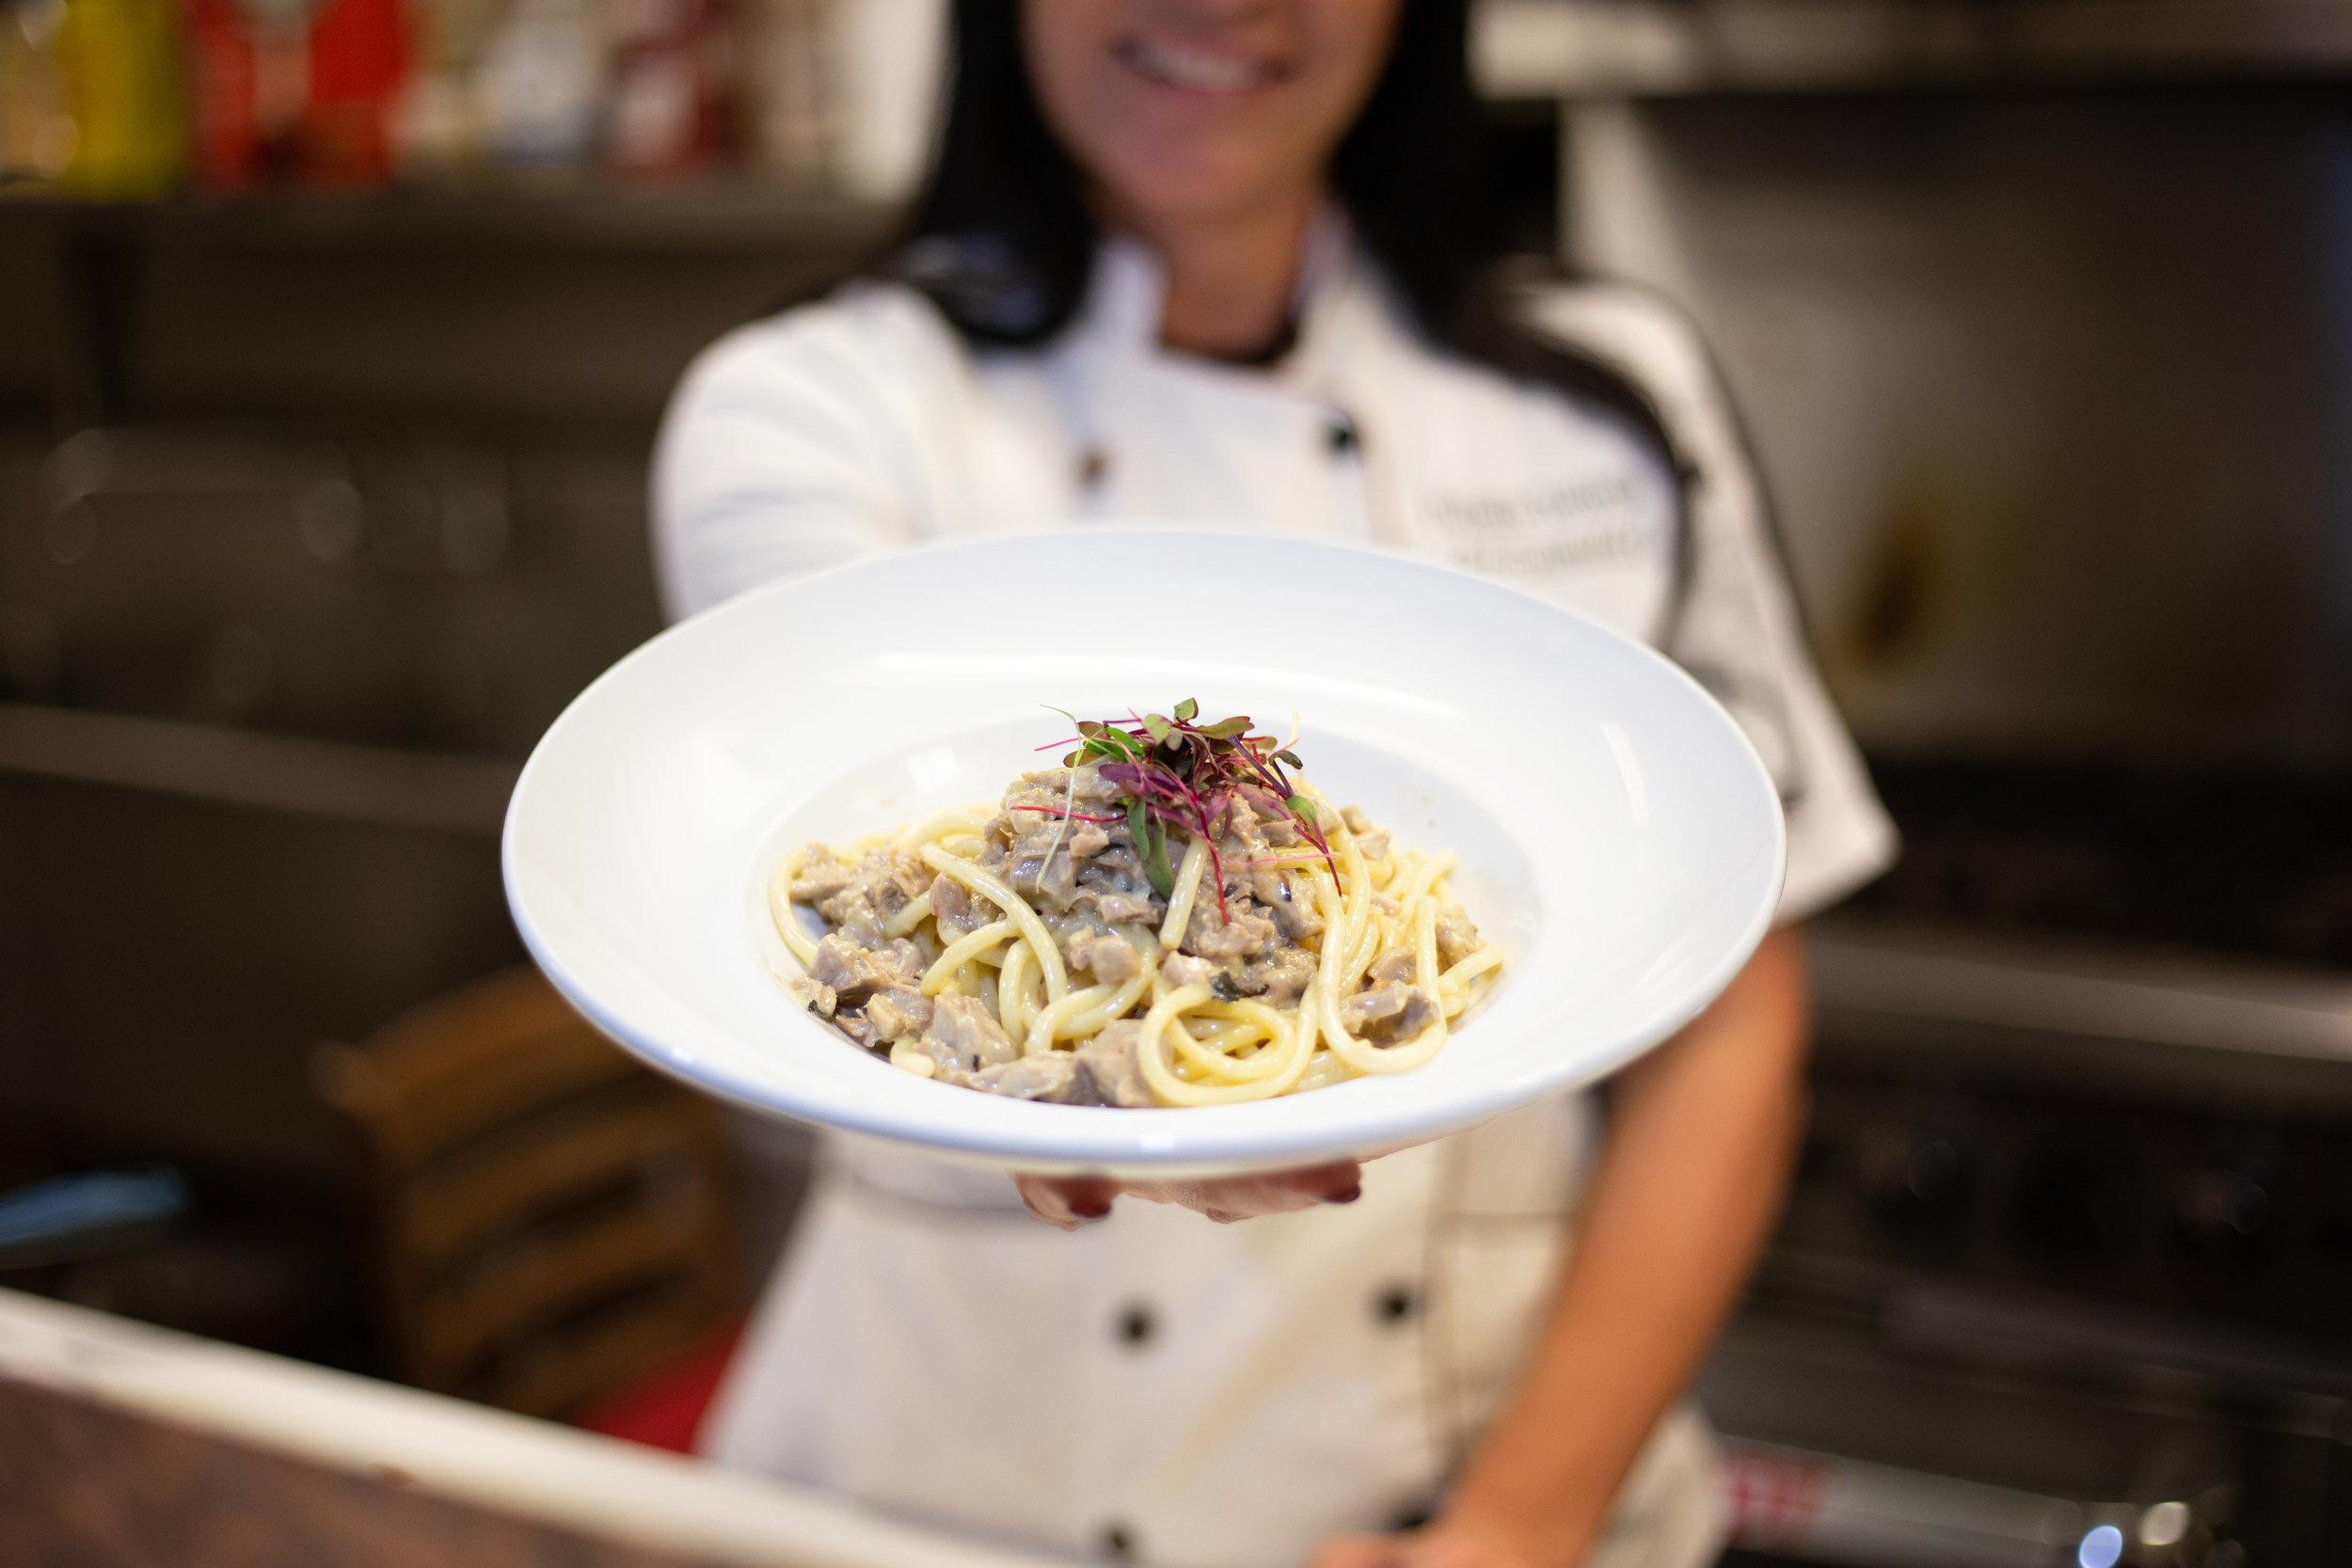 Chef_Emma_Emanuela_Calcara_eBella_Palladio_Nicole_nixon (50 of 50).JPG